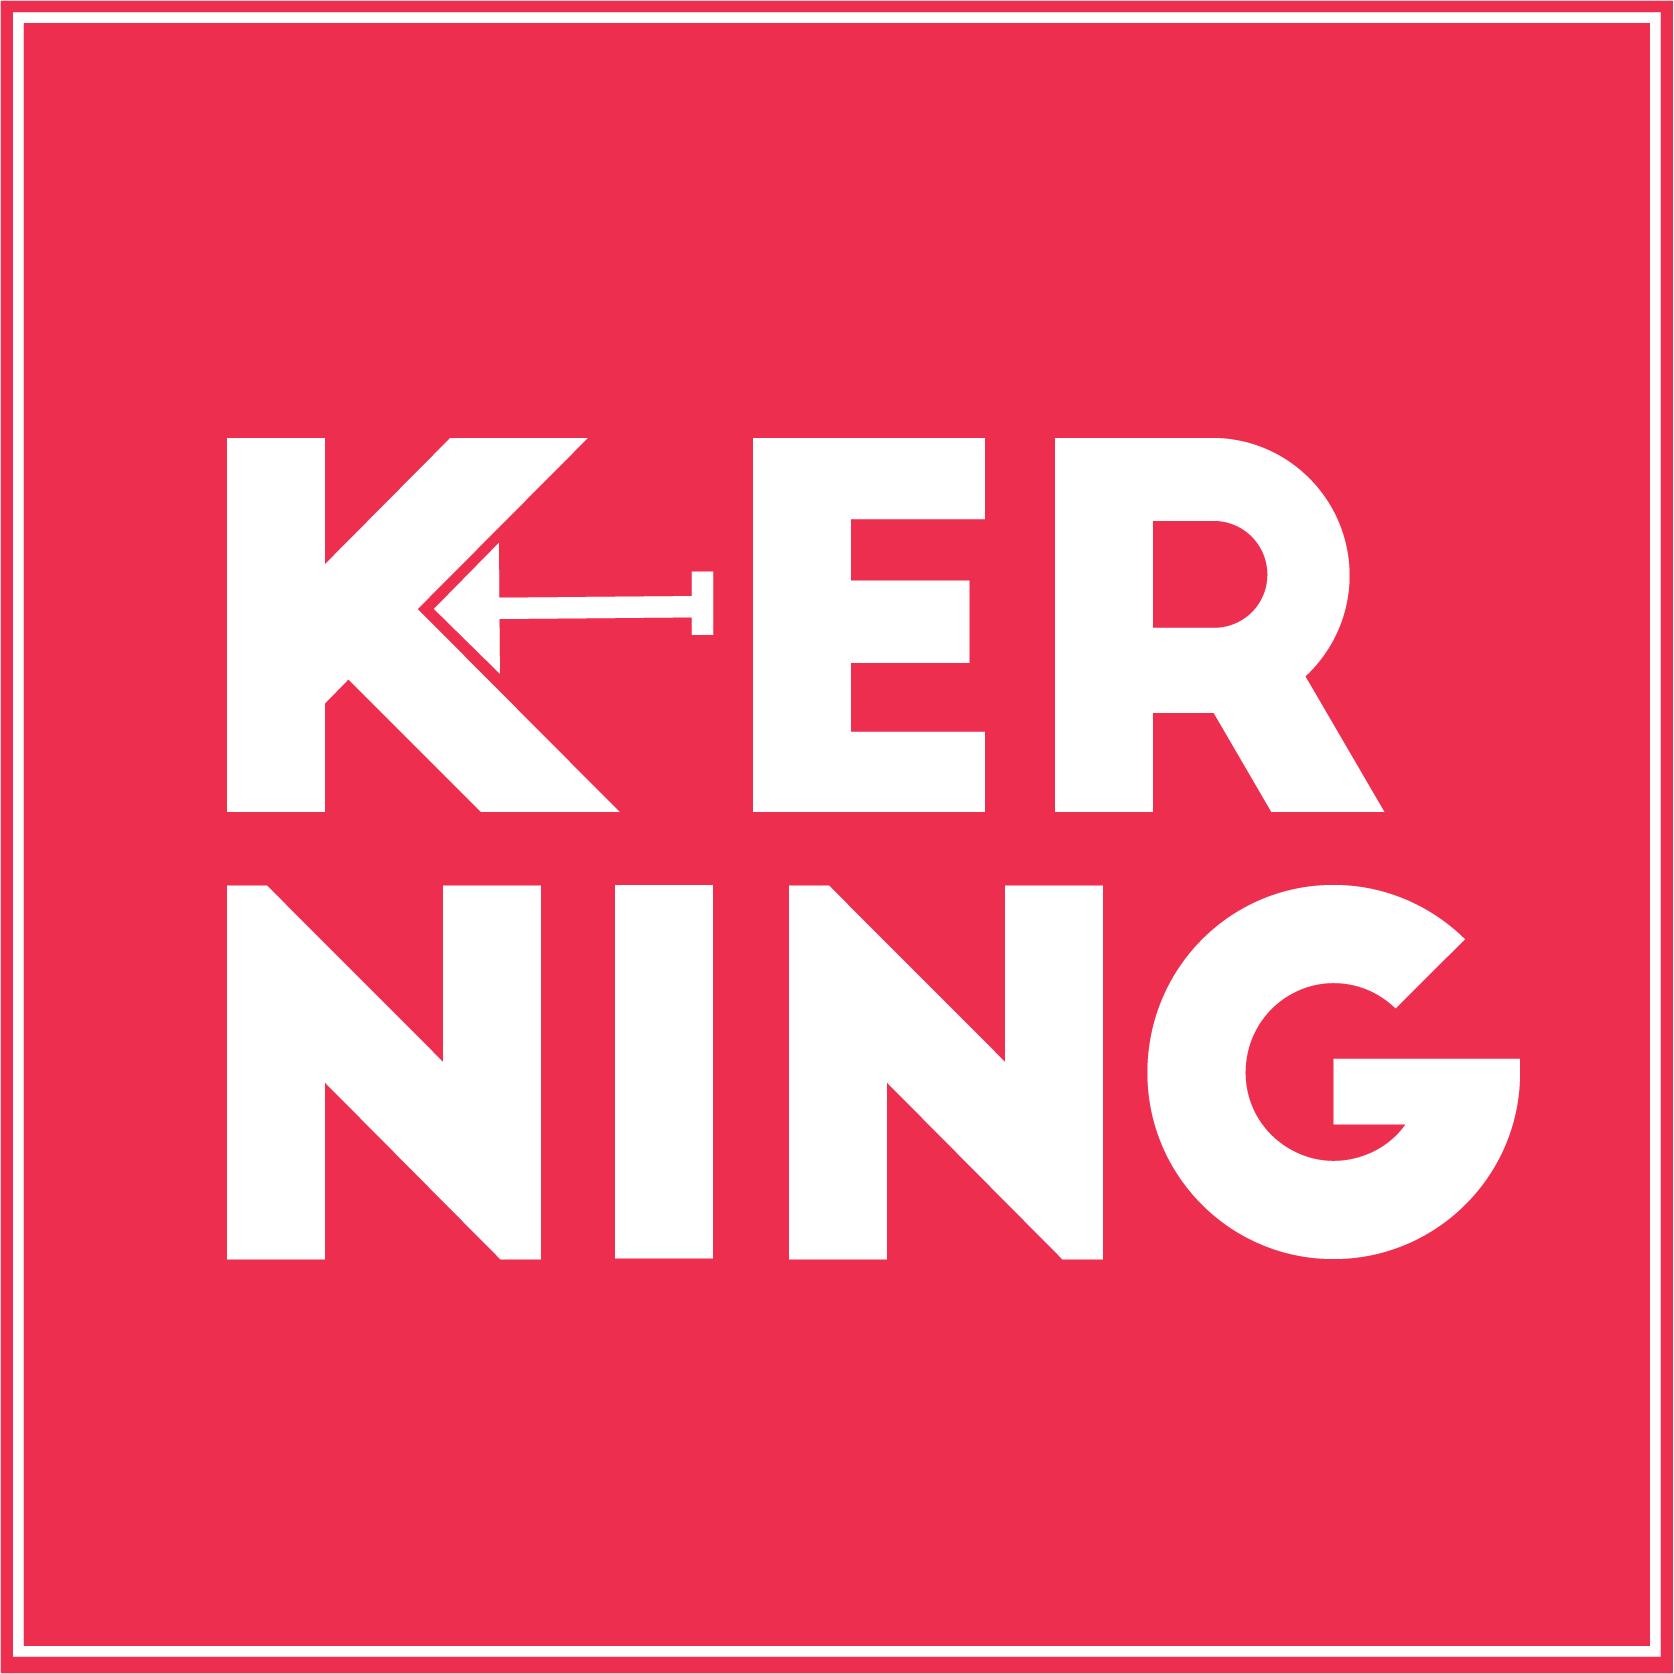 Kerning-03.png